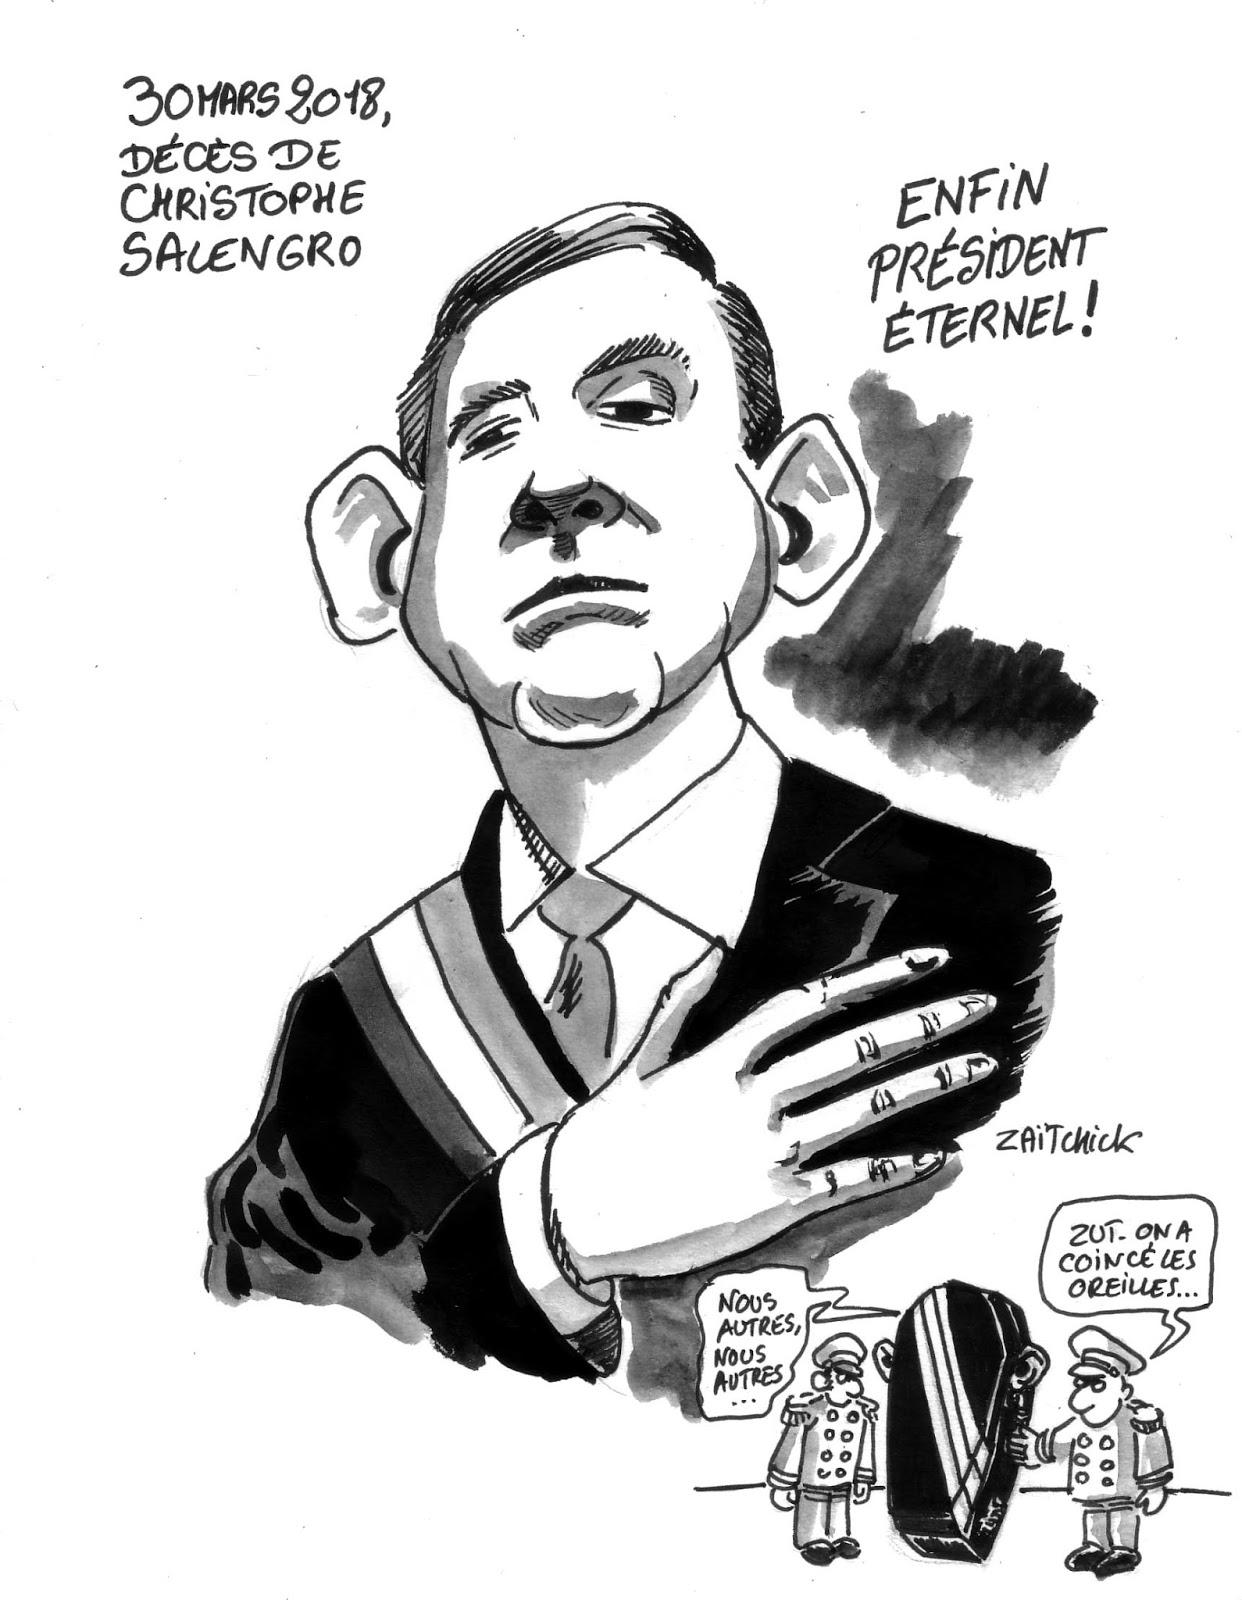 dessin d'actualité en hommage à Christophe Salengro, président du Groland